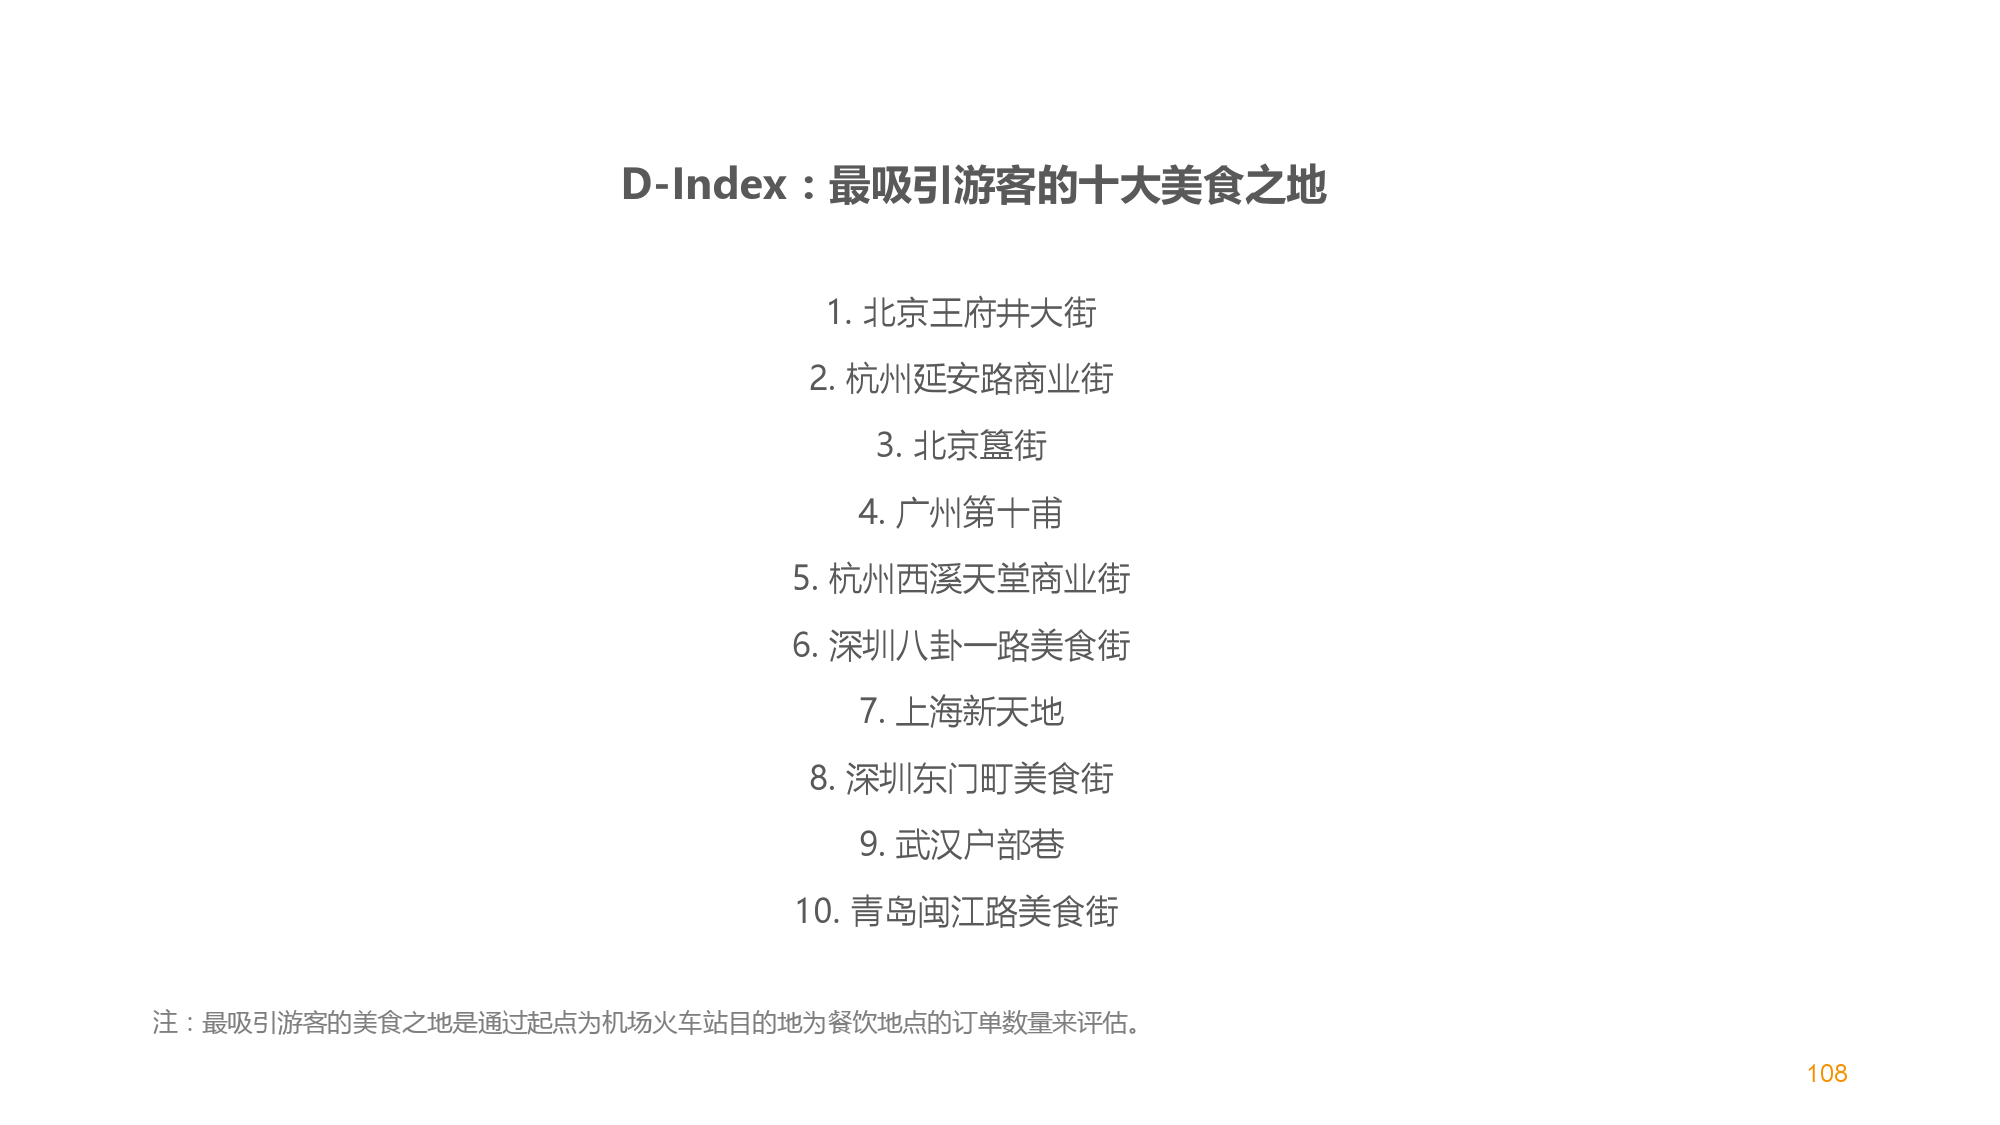 中国智能出行2015大数据报告_000108